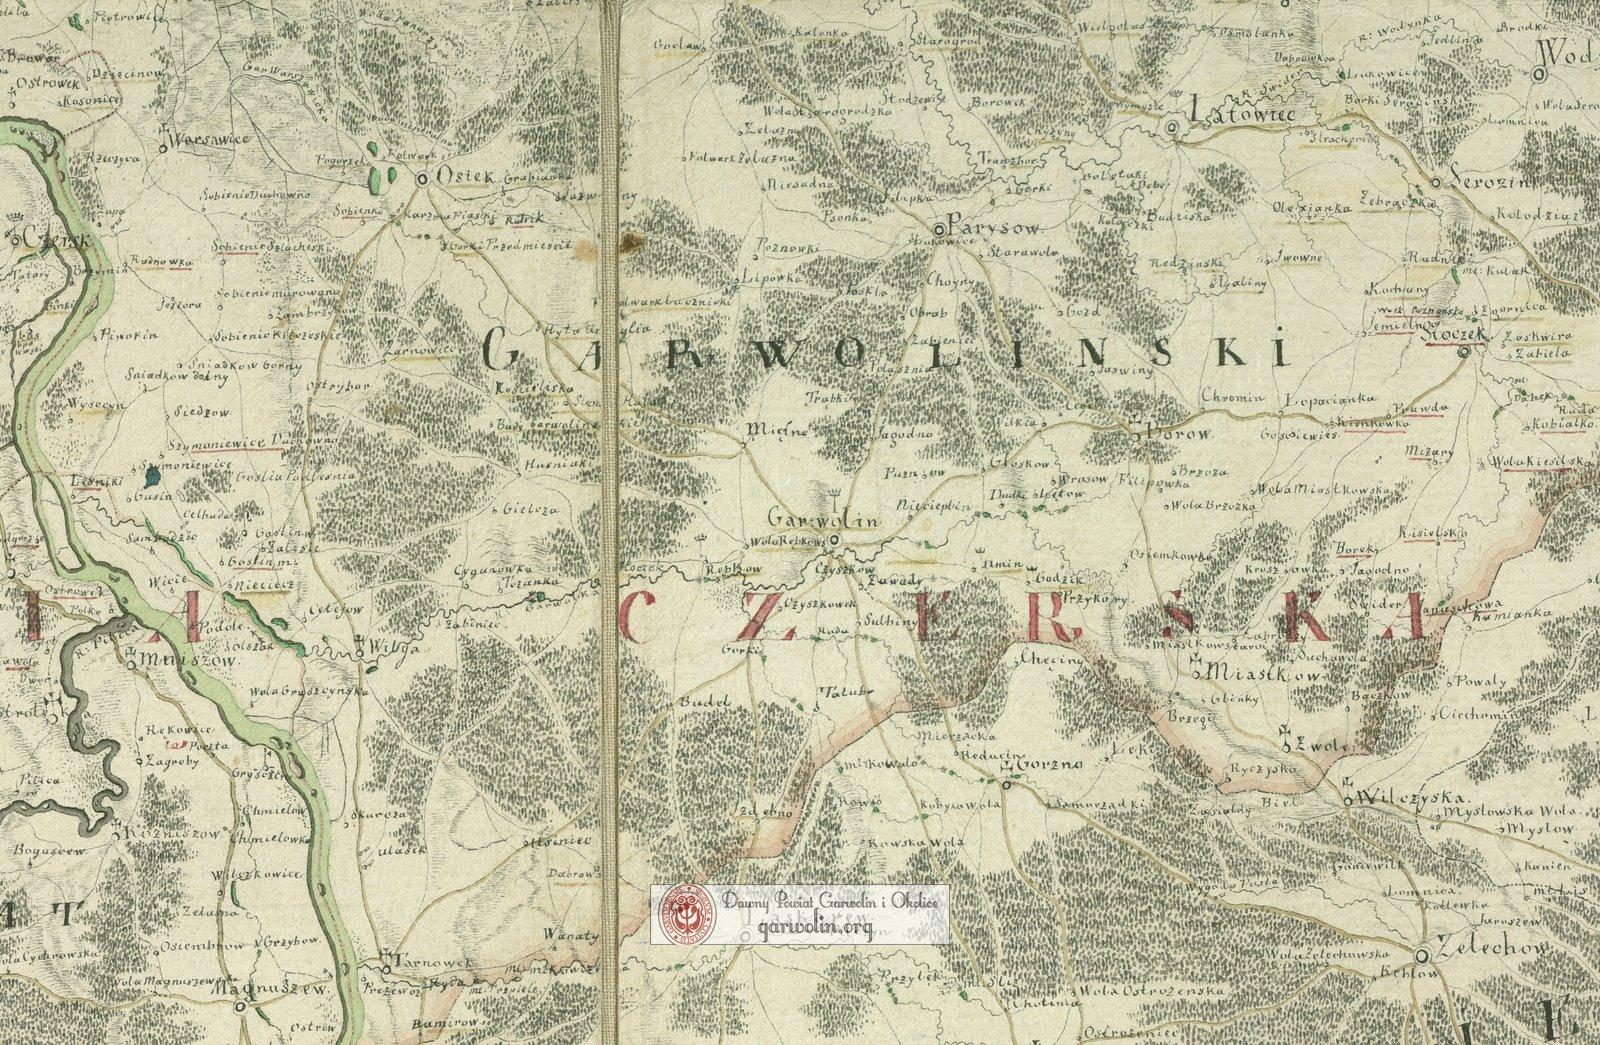 Powiat garwoliński na mapie z 1783 r.